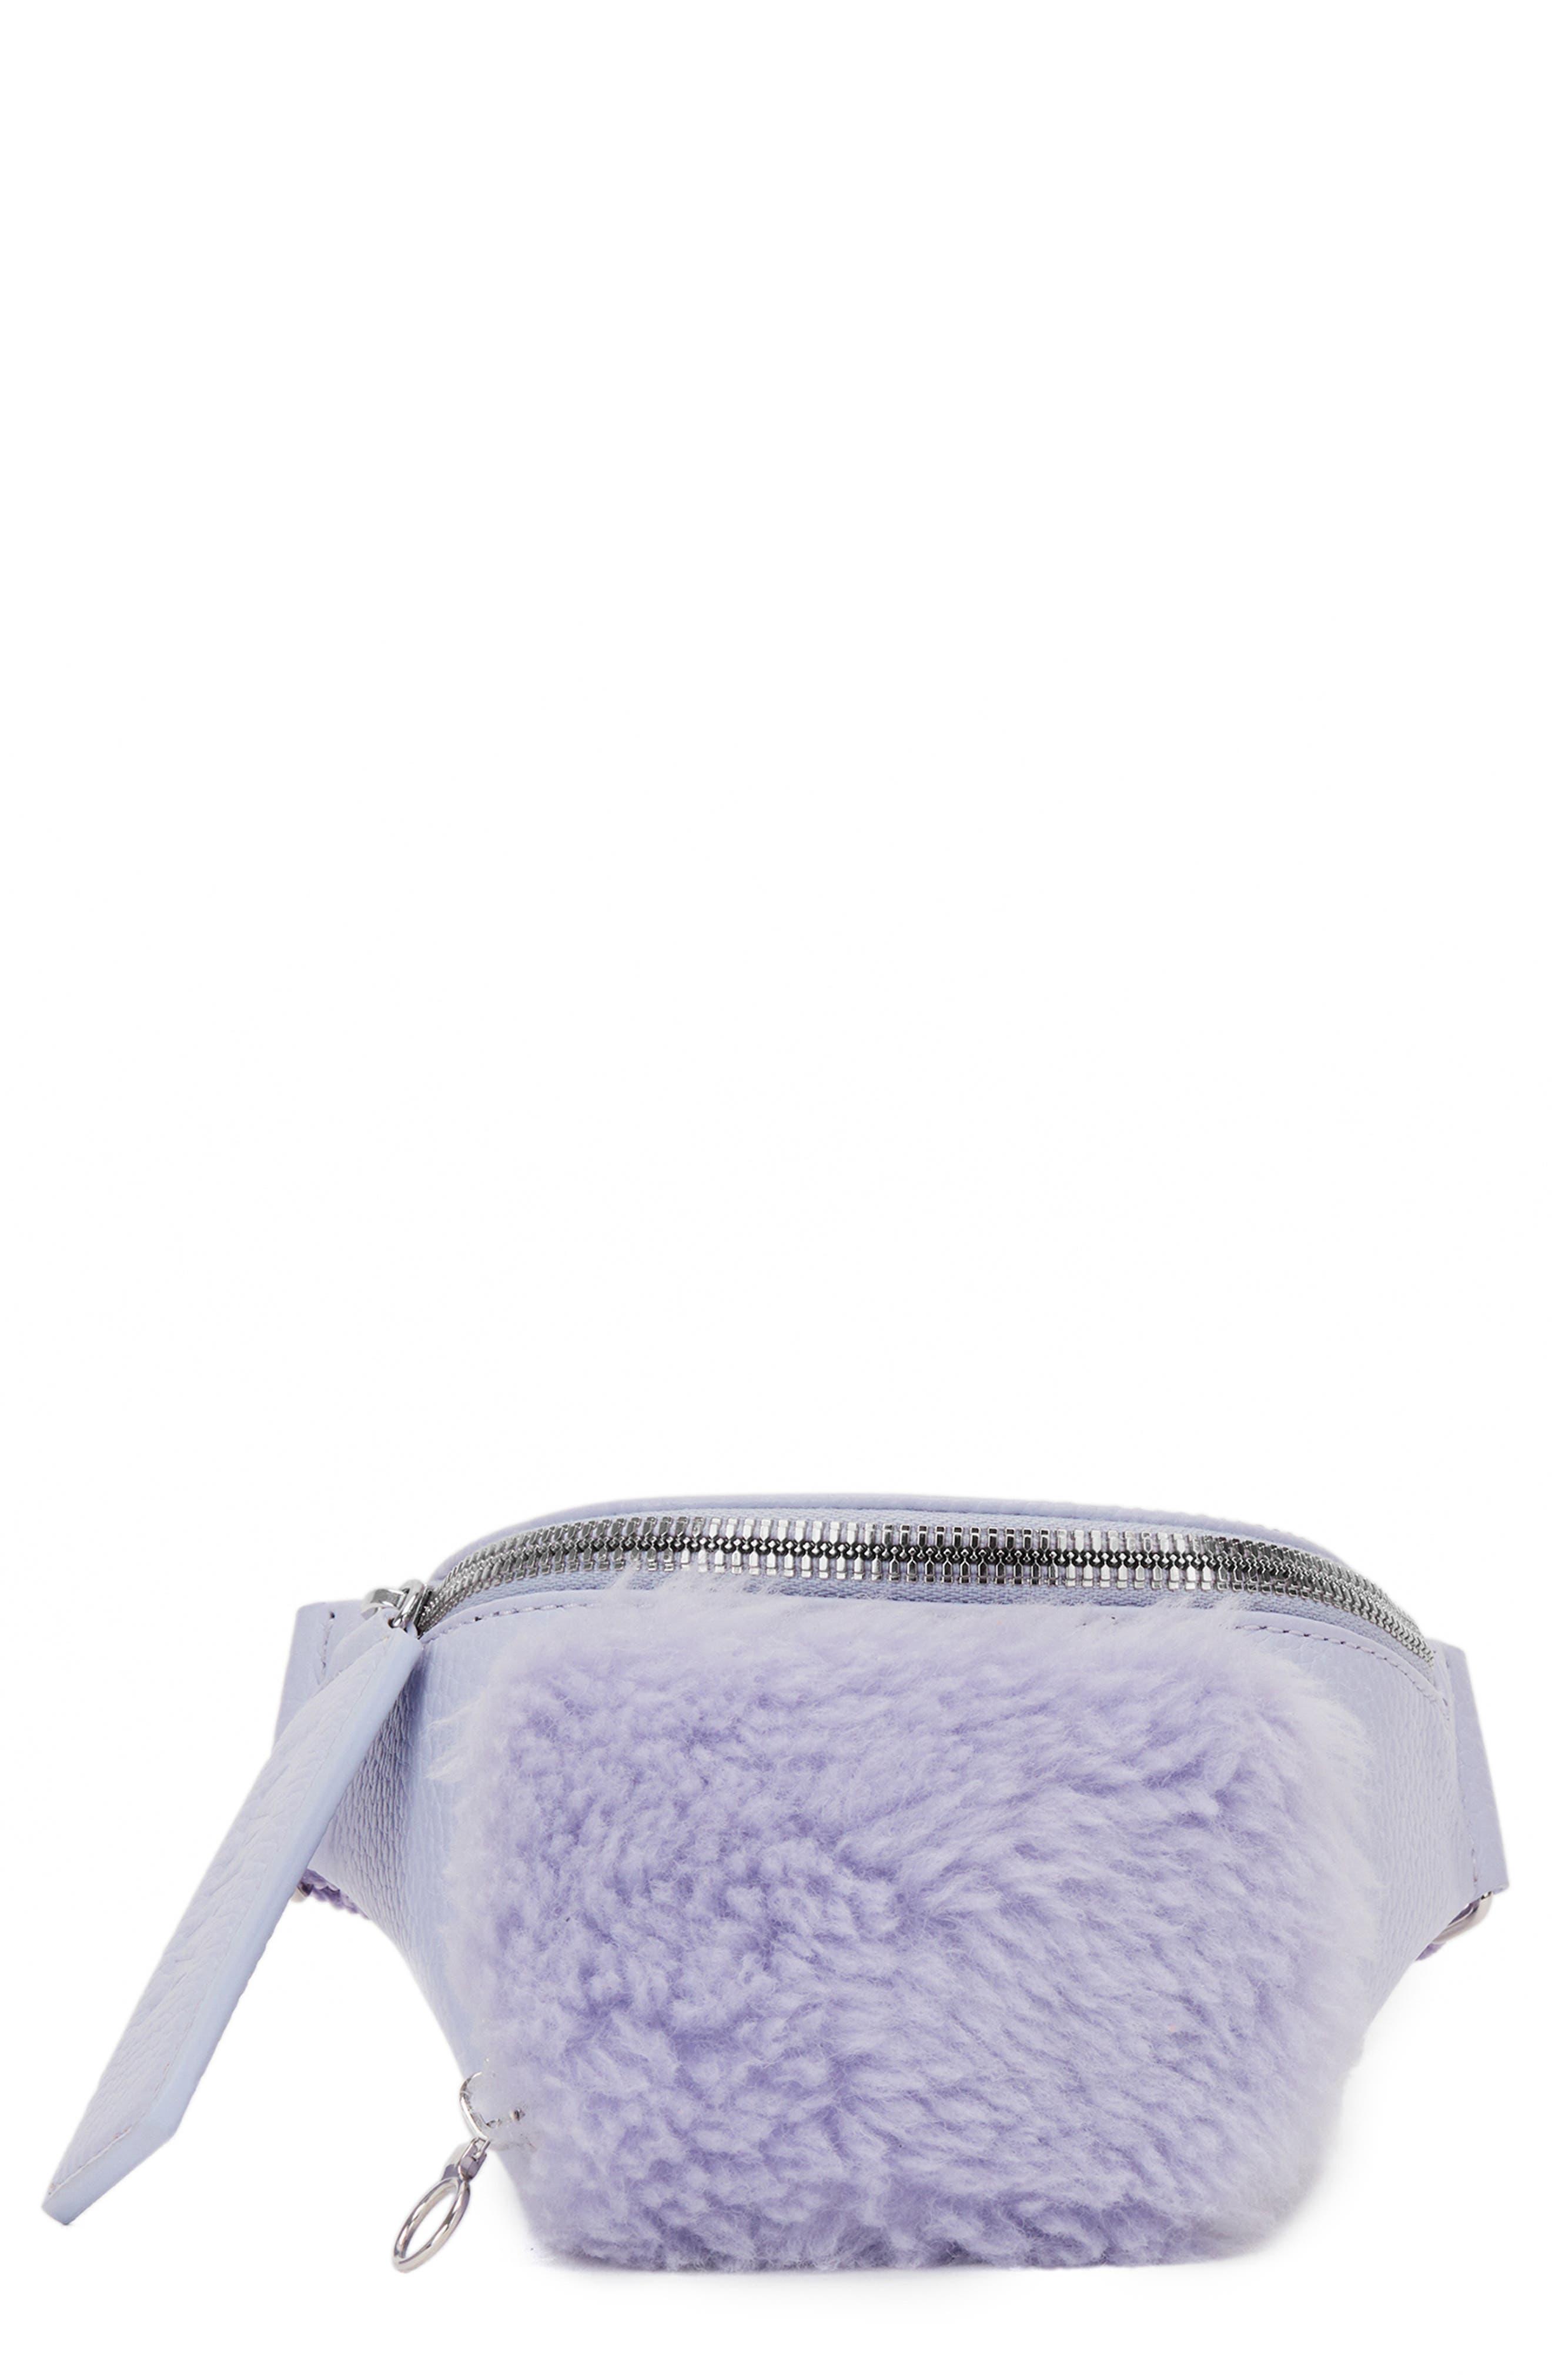 KARA Leather & Wool Bum Bag - Purple in Lavender